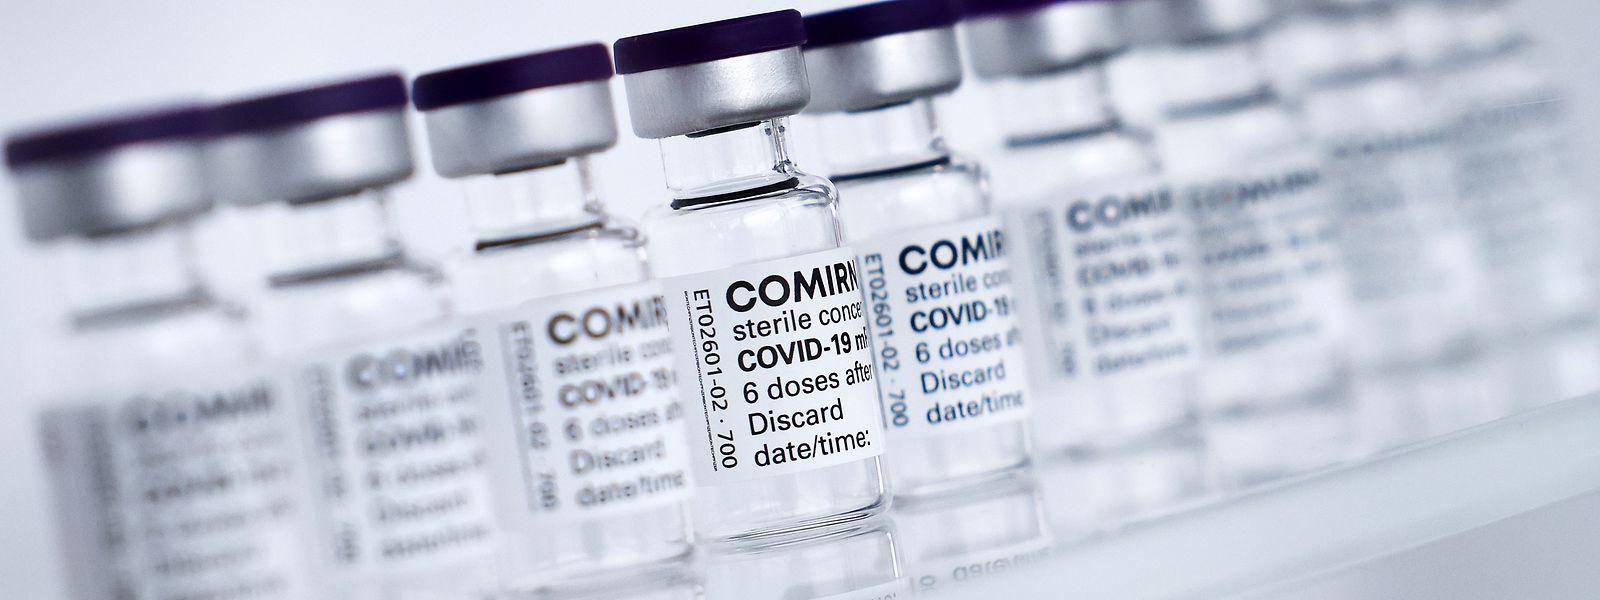 Für die Prüfung von Zulassungsanträgen für Corona-Impfstoffe braucht die EMA in der Regel wenige Wochen.